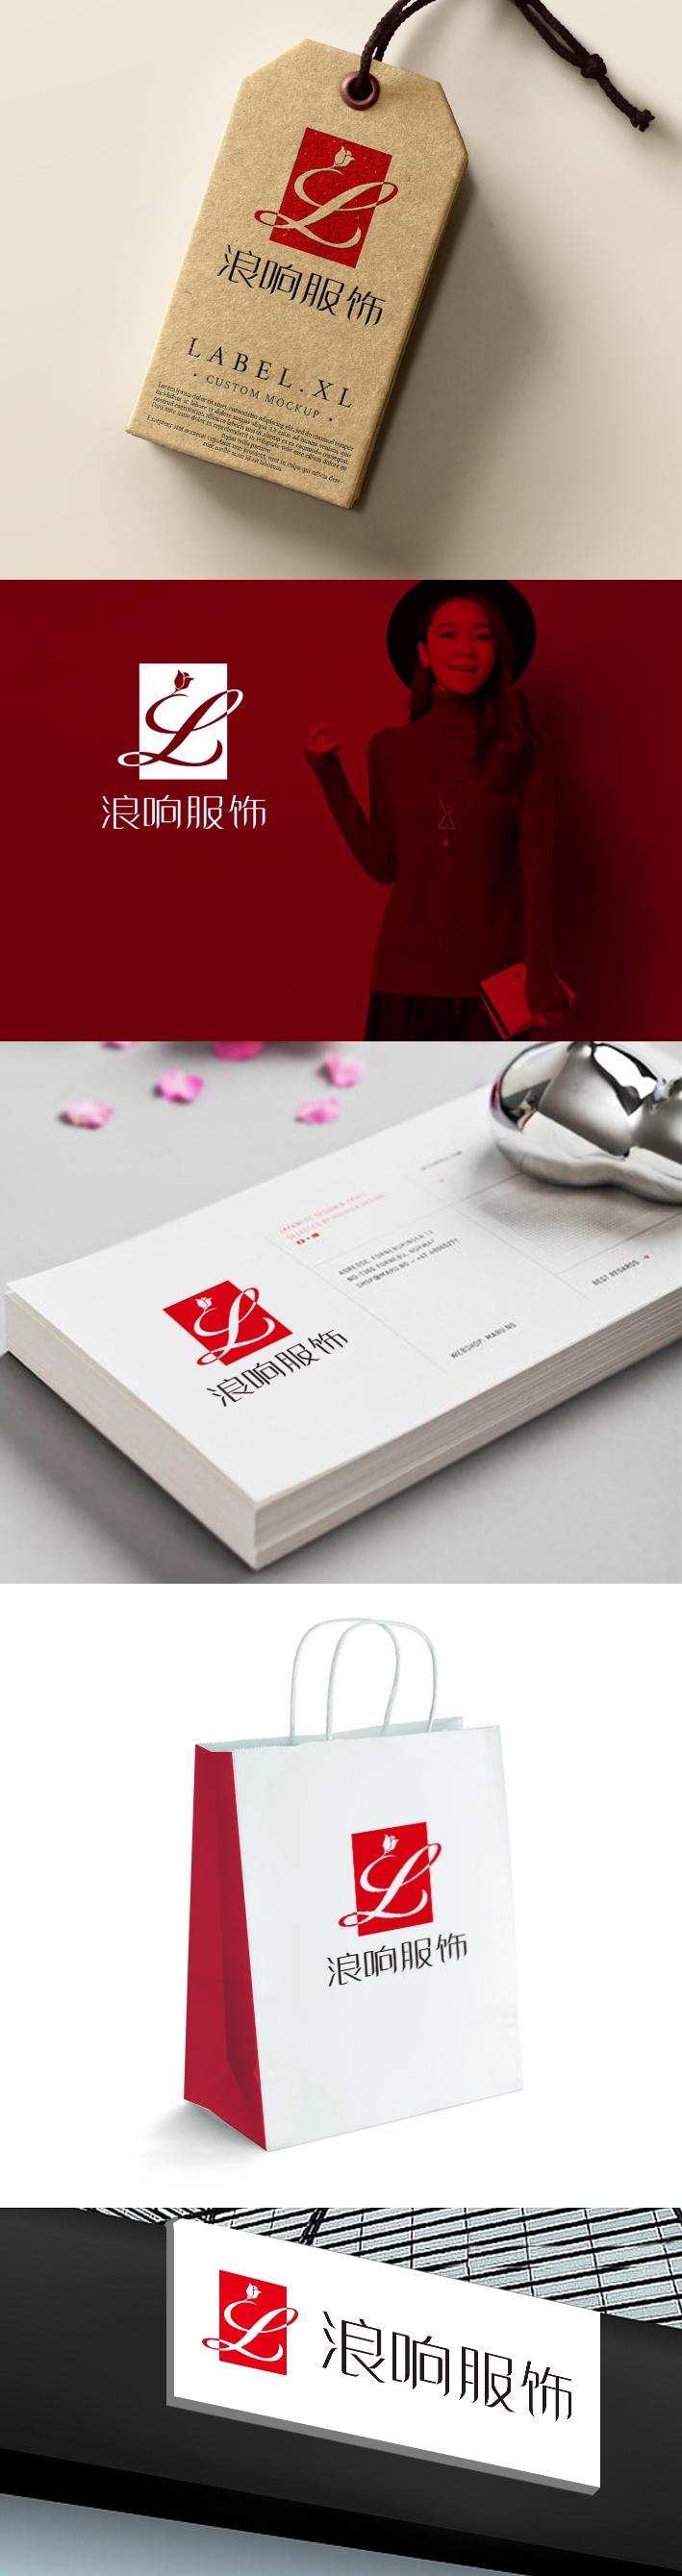 服装企业LOGO设计_3008220_k68威客网